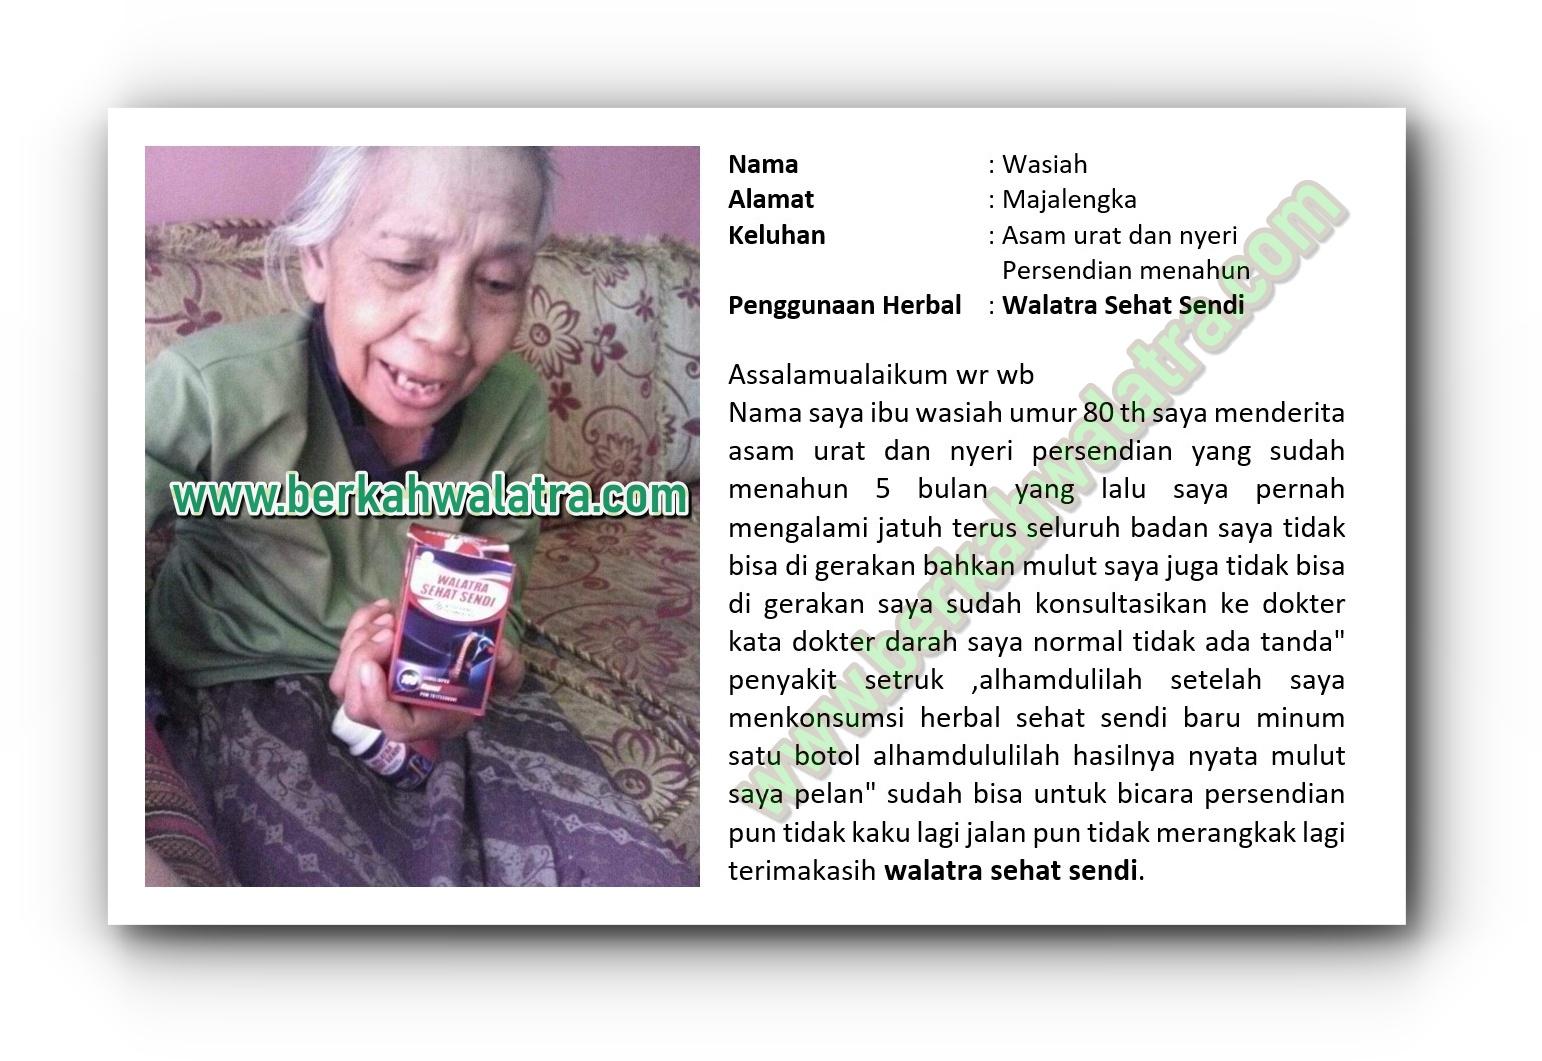 Testimoni Sehat Sendi untuk asam urat